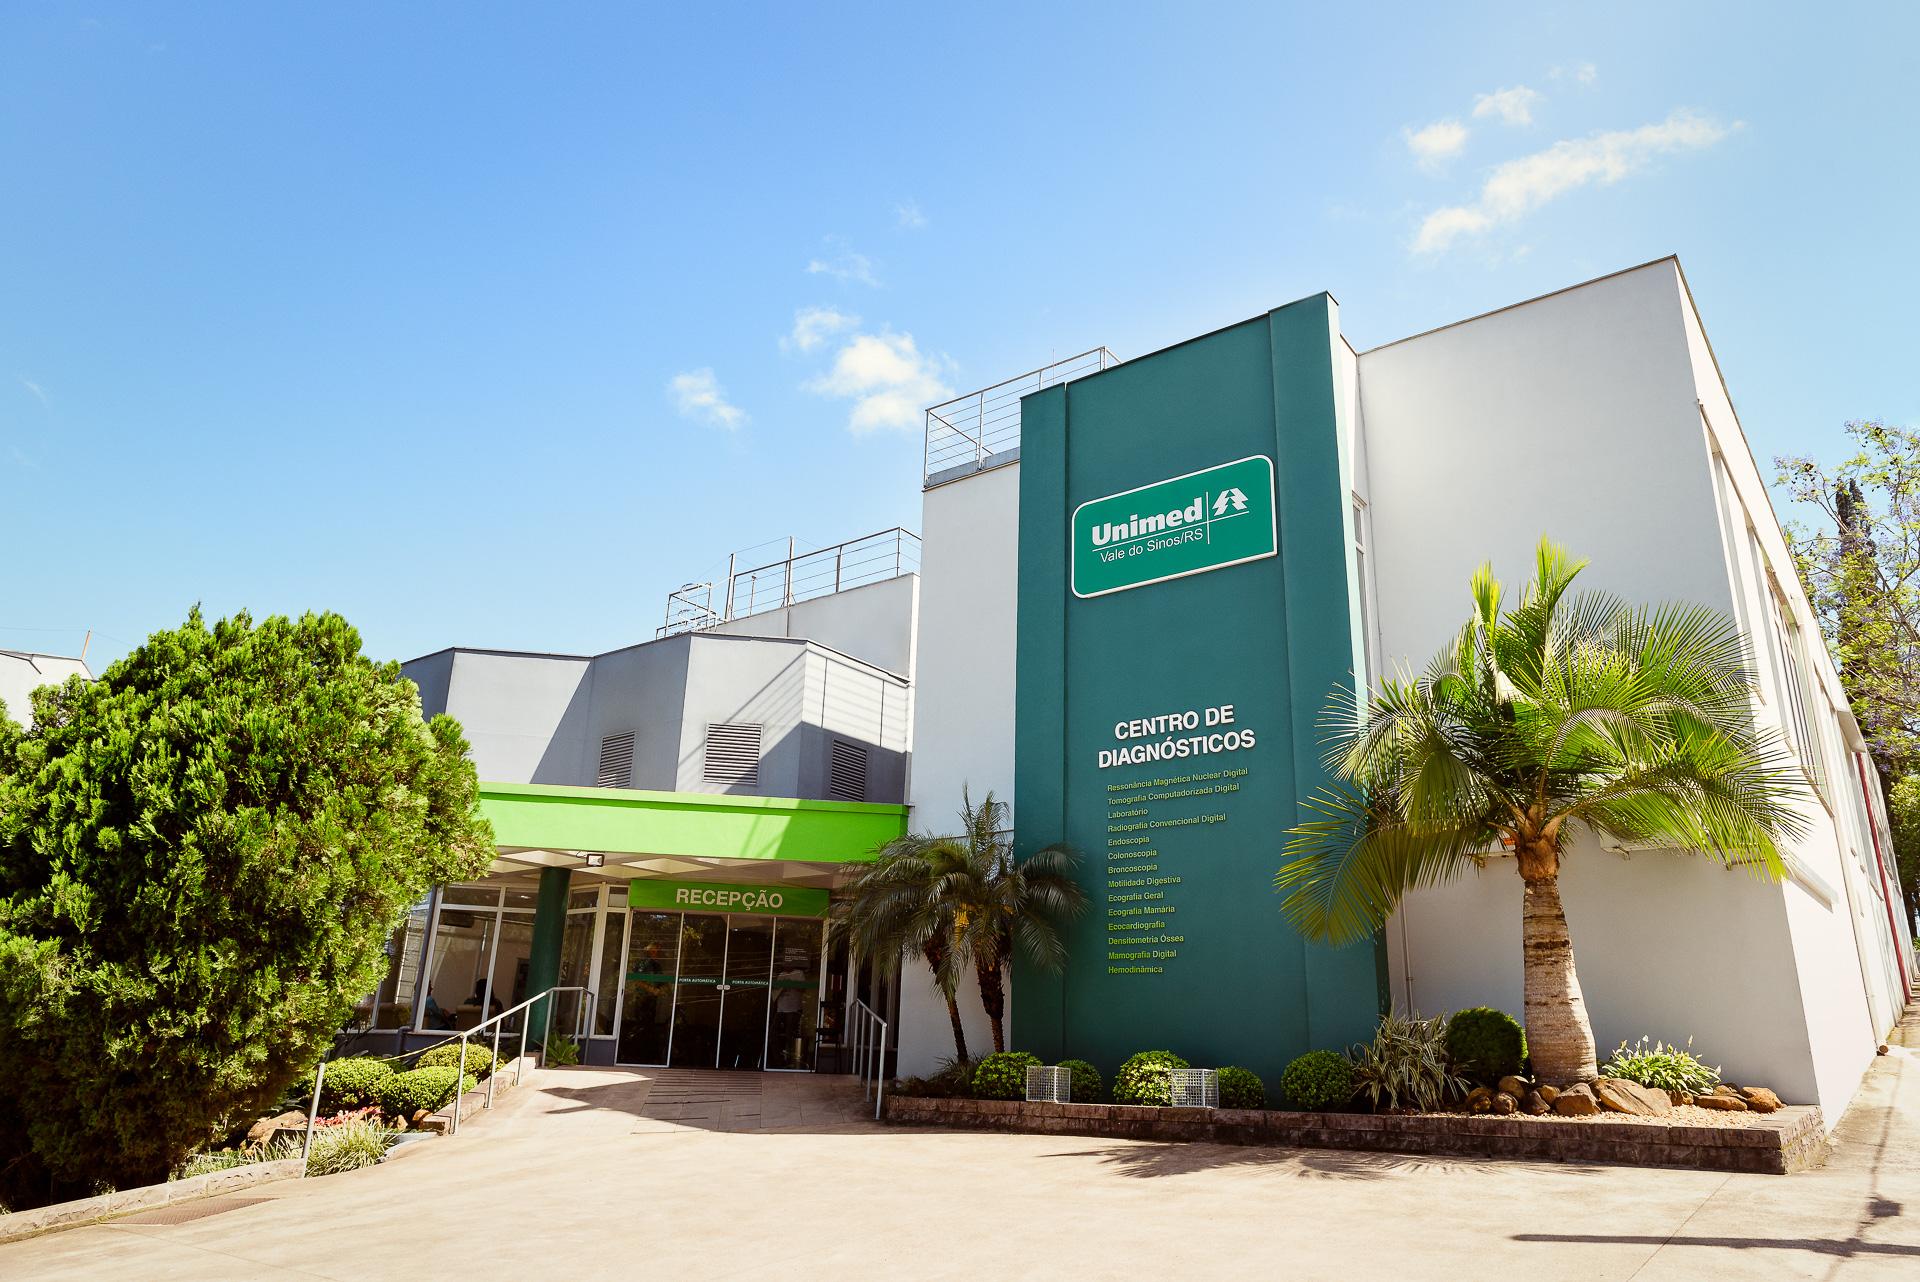 Centro de Diagnóstico Hospital Unimed